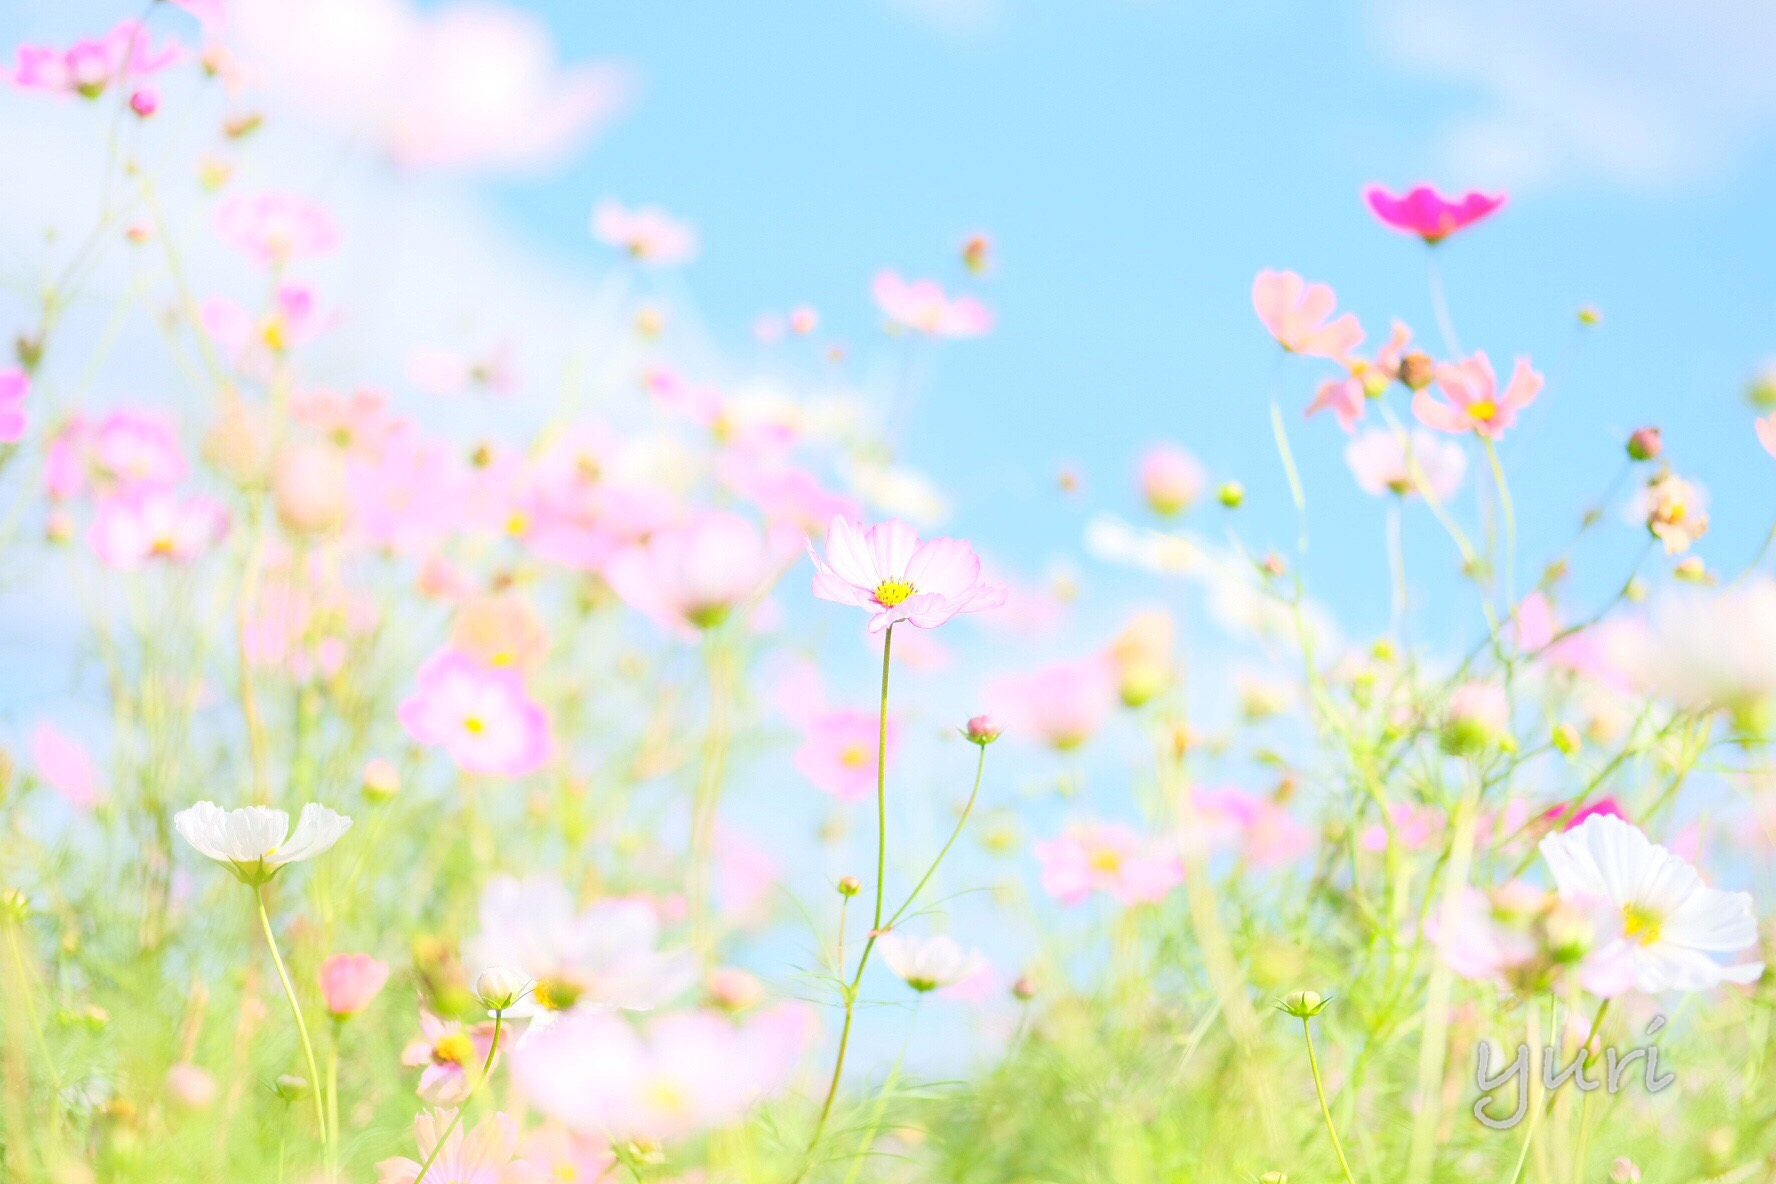 京都一カラフルなコスモス畑 亀岡夢コスモス園で見頃の花畑を撮影